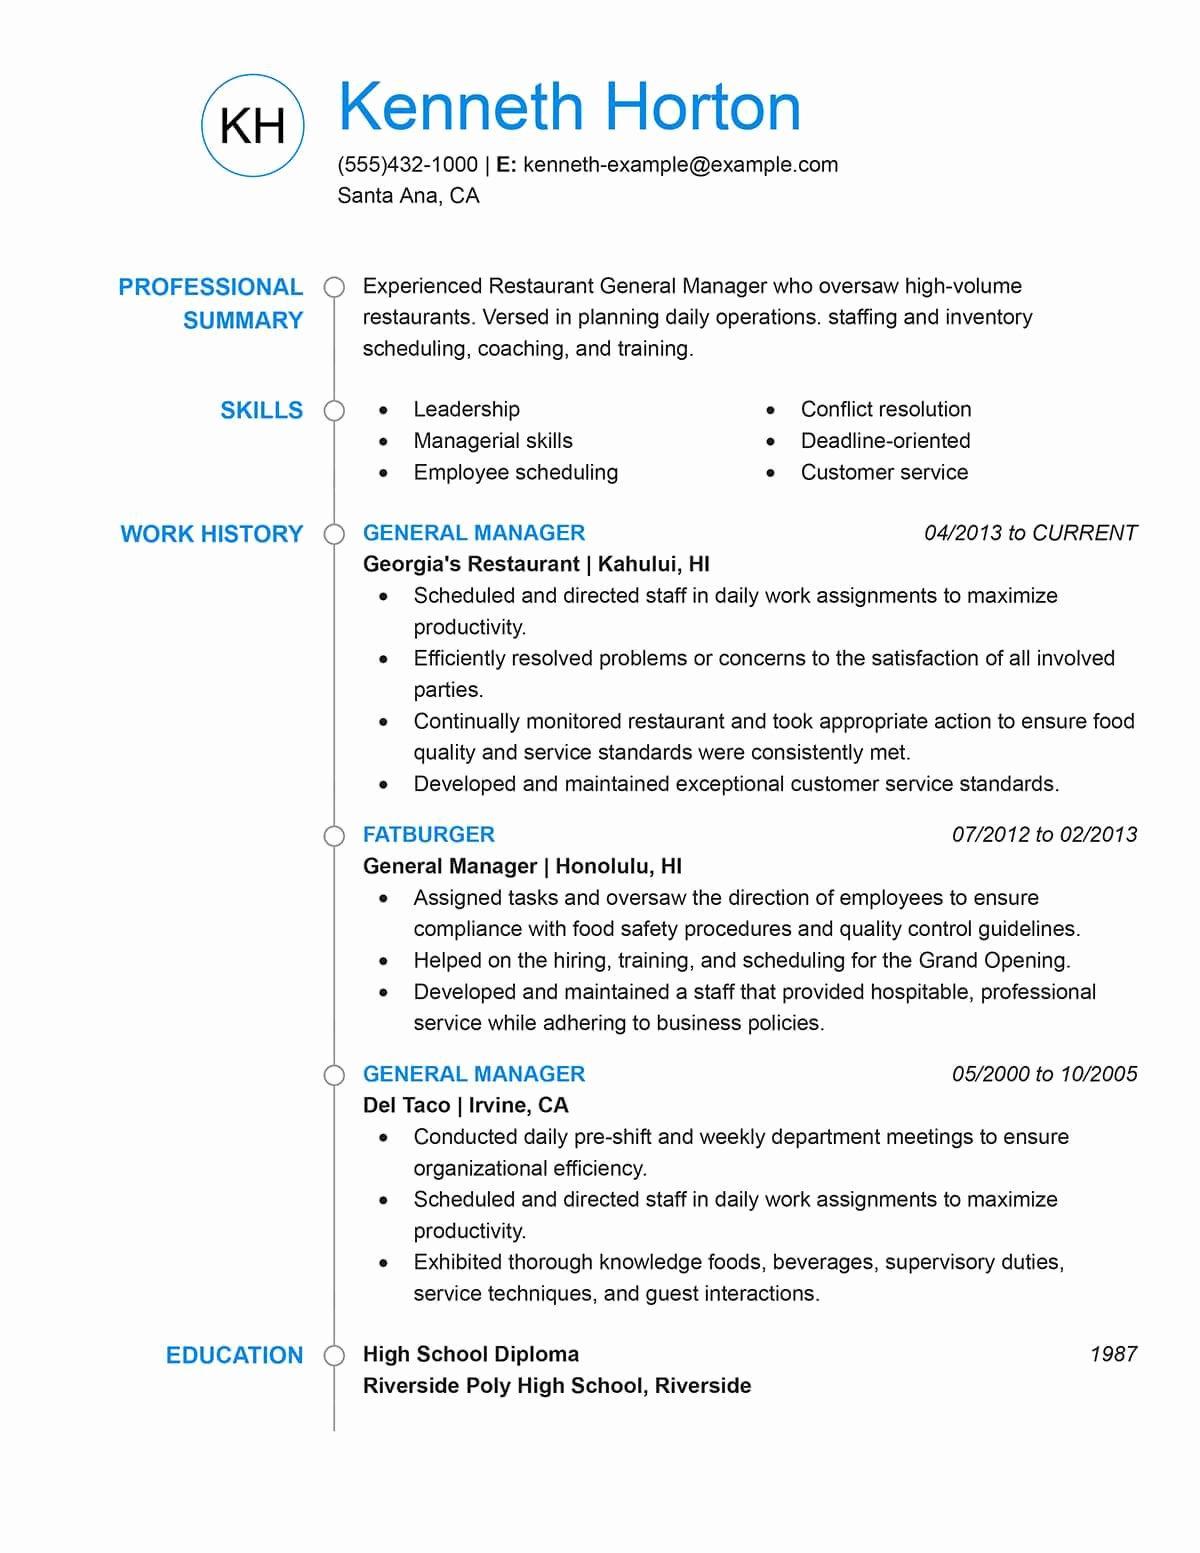 Sample Resume for Restaurant Lovely Unfor Table Restaurant Server Resume Examples to Stand